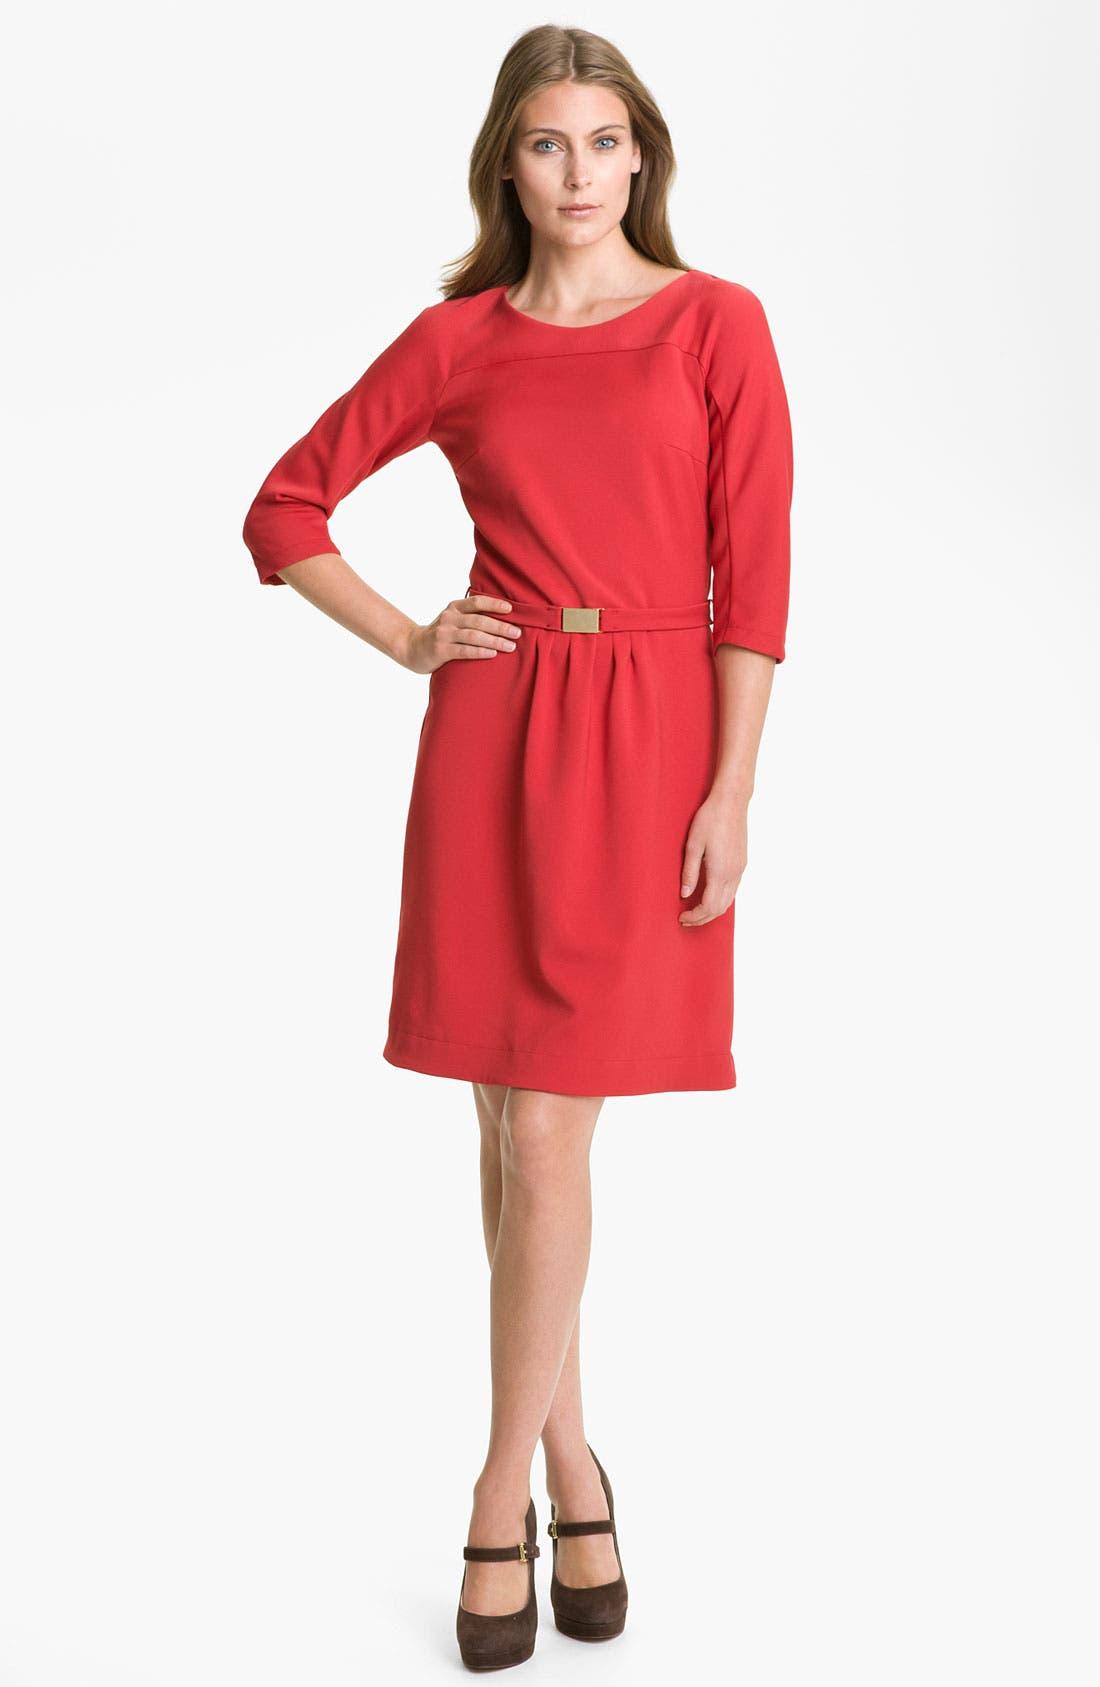 Alternate Image 1 Selected - BOSS HUGO BOSS 'Hillary' Dress